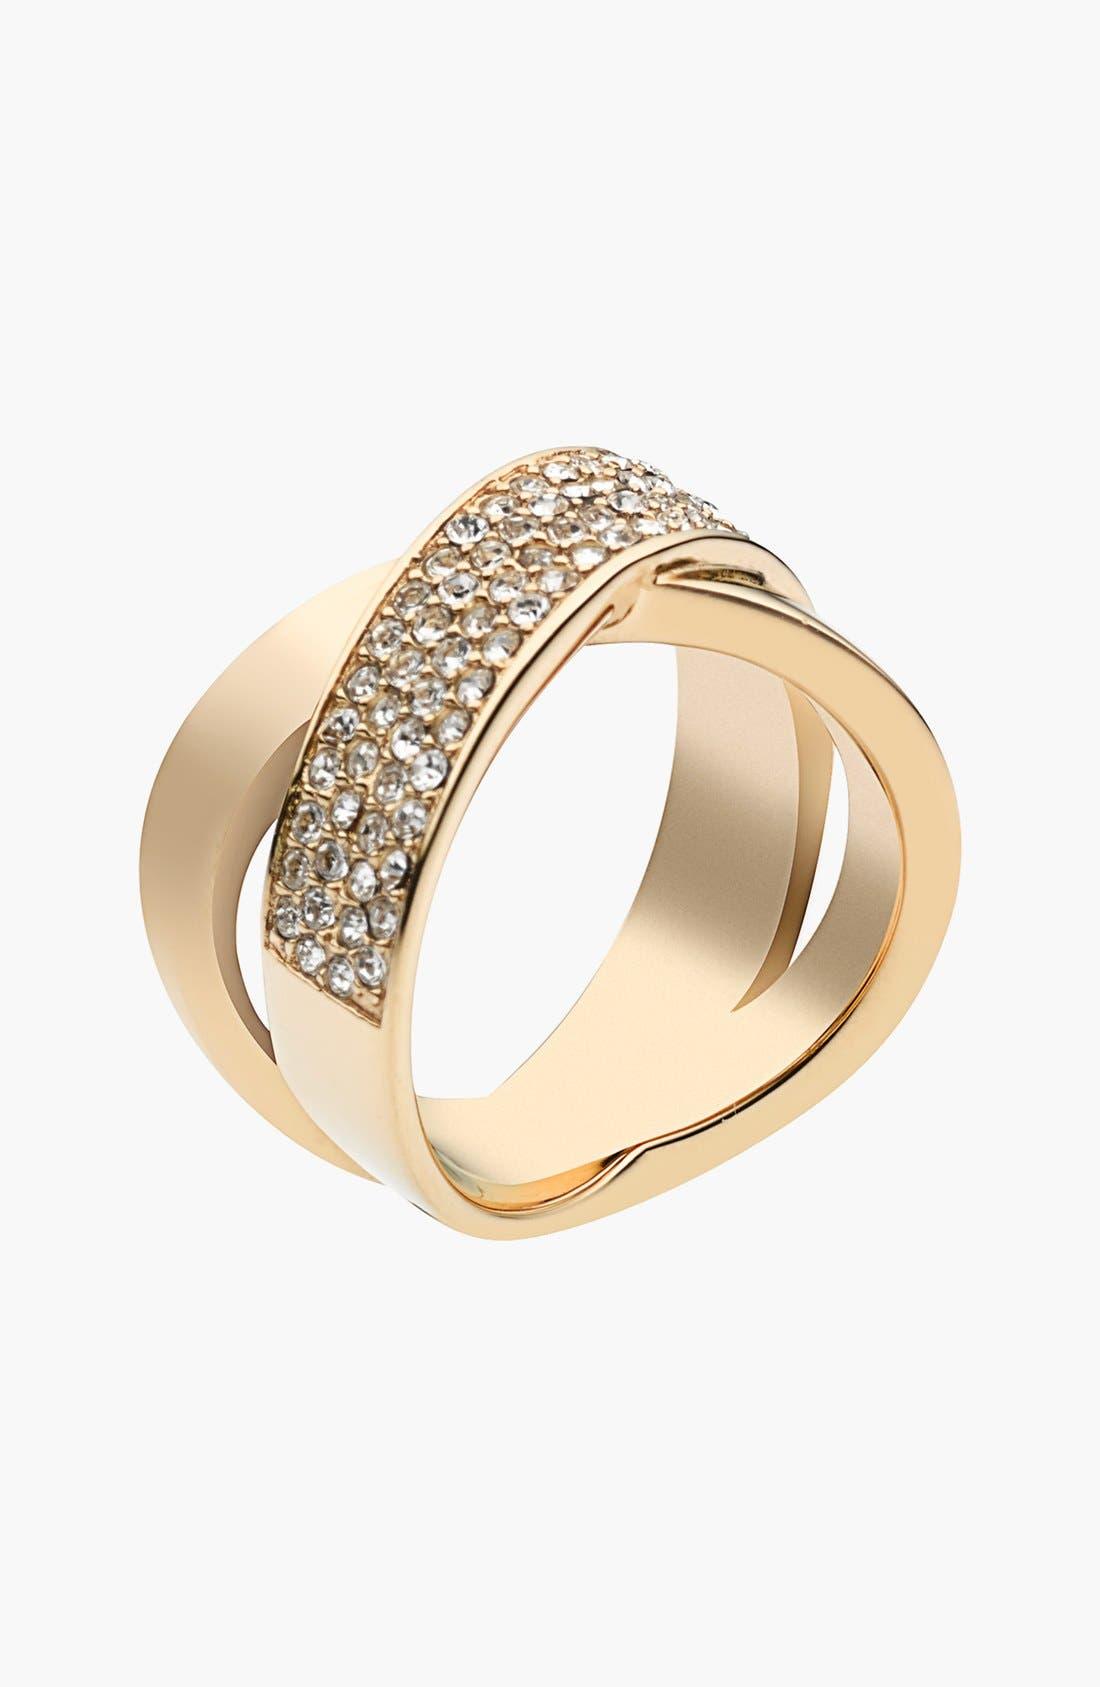 Alternate Image 1 Selected - Michael Kors 'Brilliance' Crisscross Ring